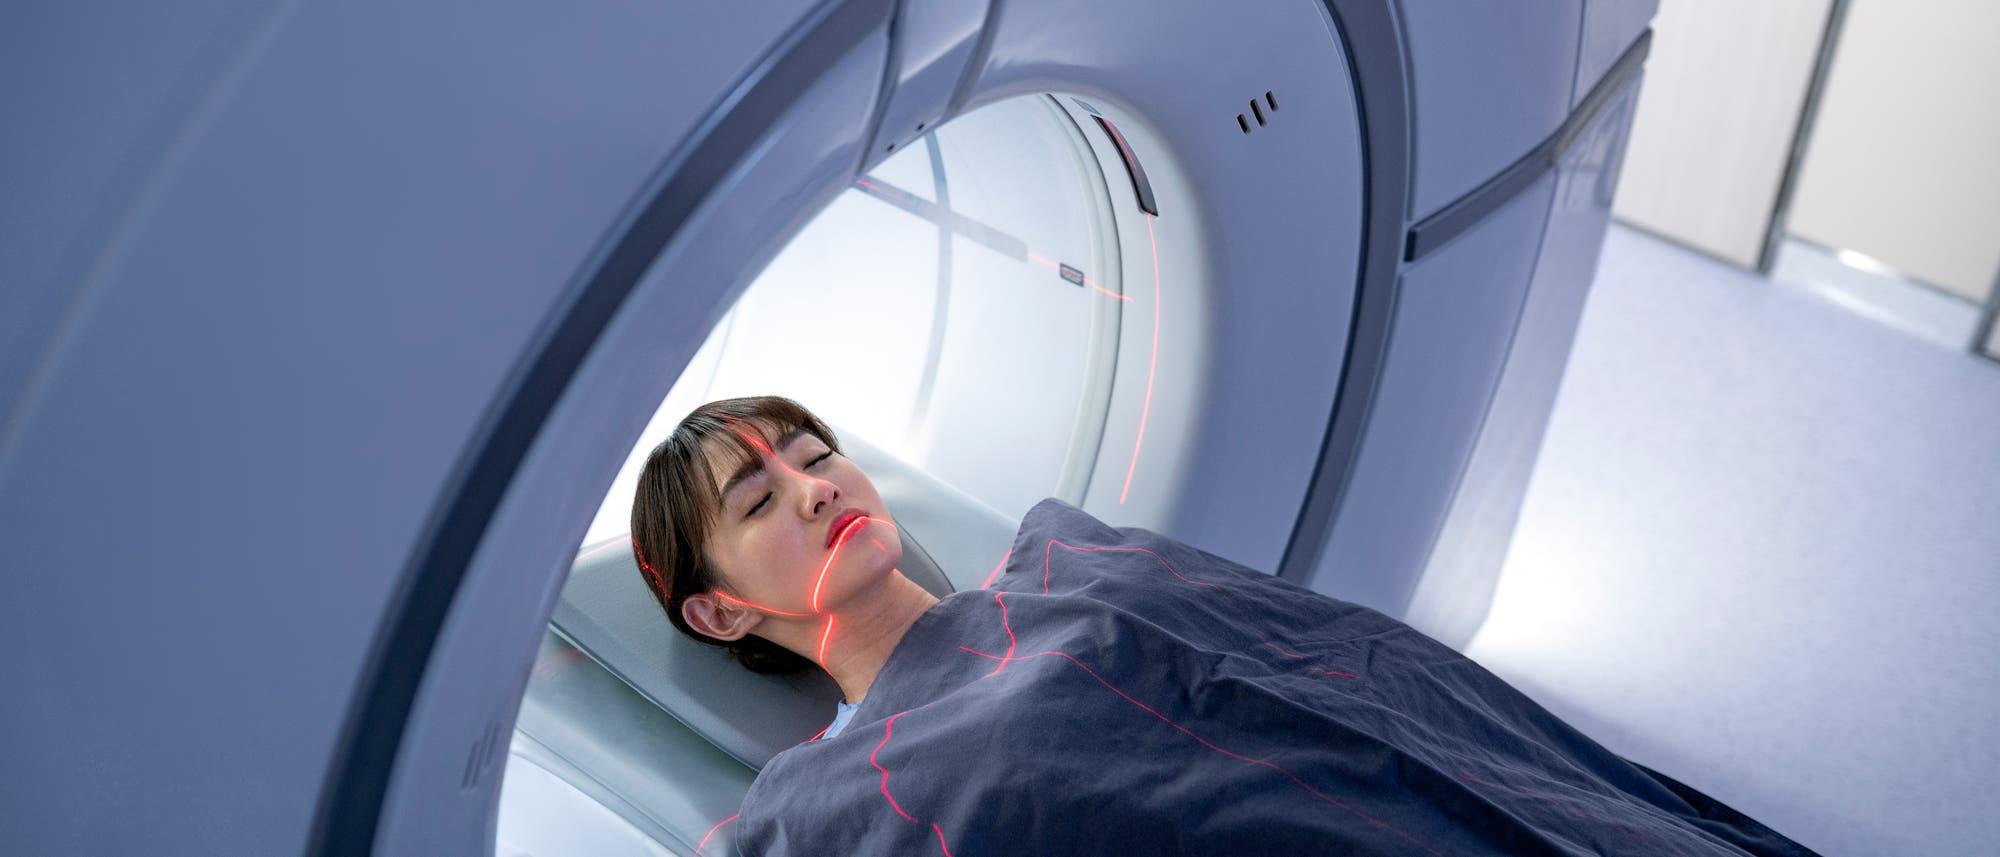 Frau liegt in MRT-Gerät